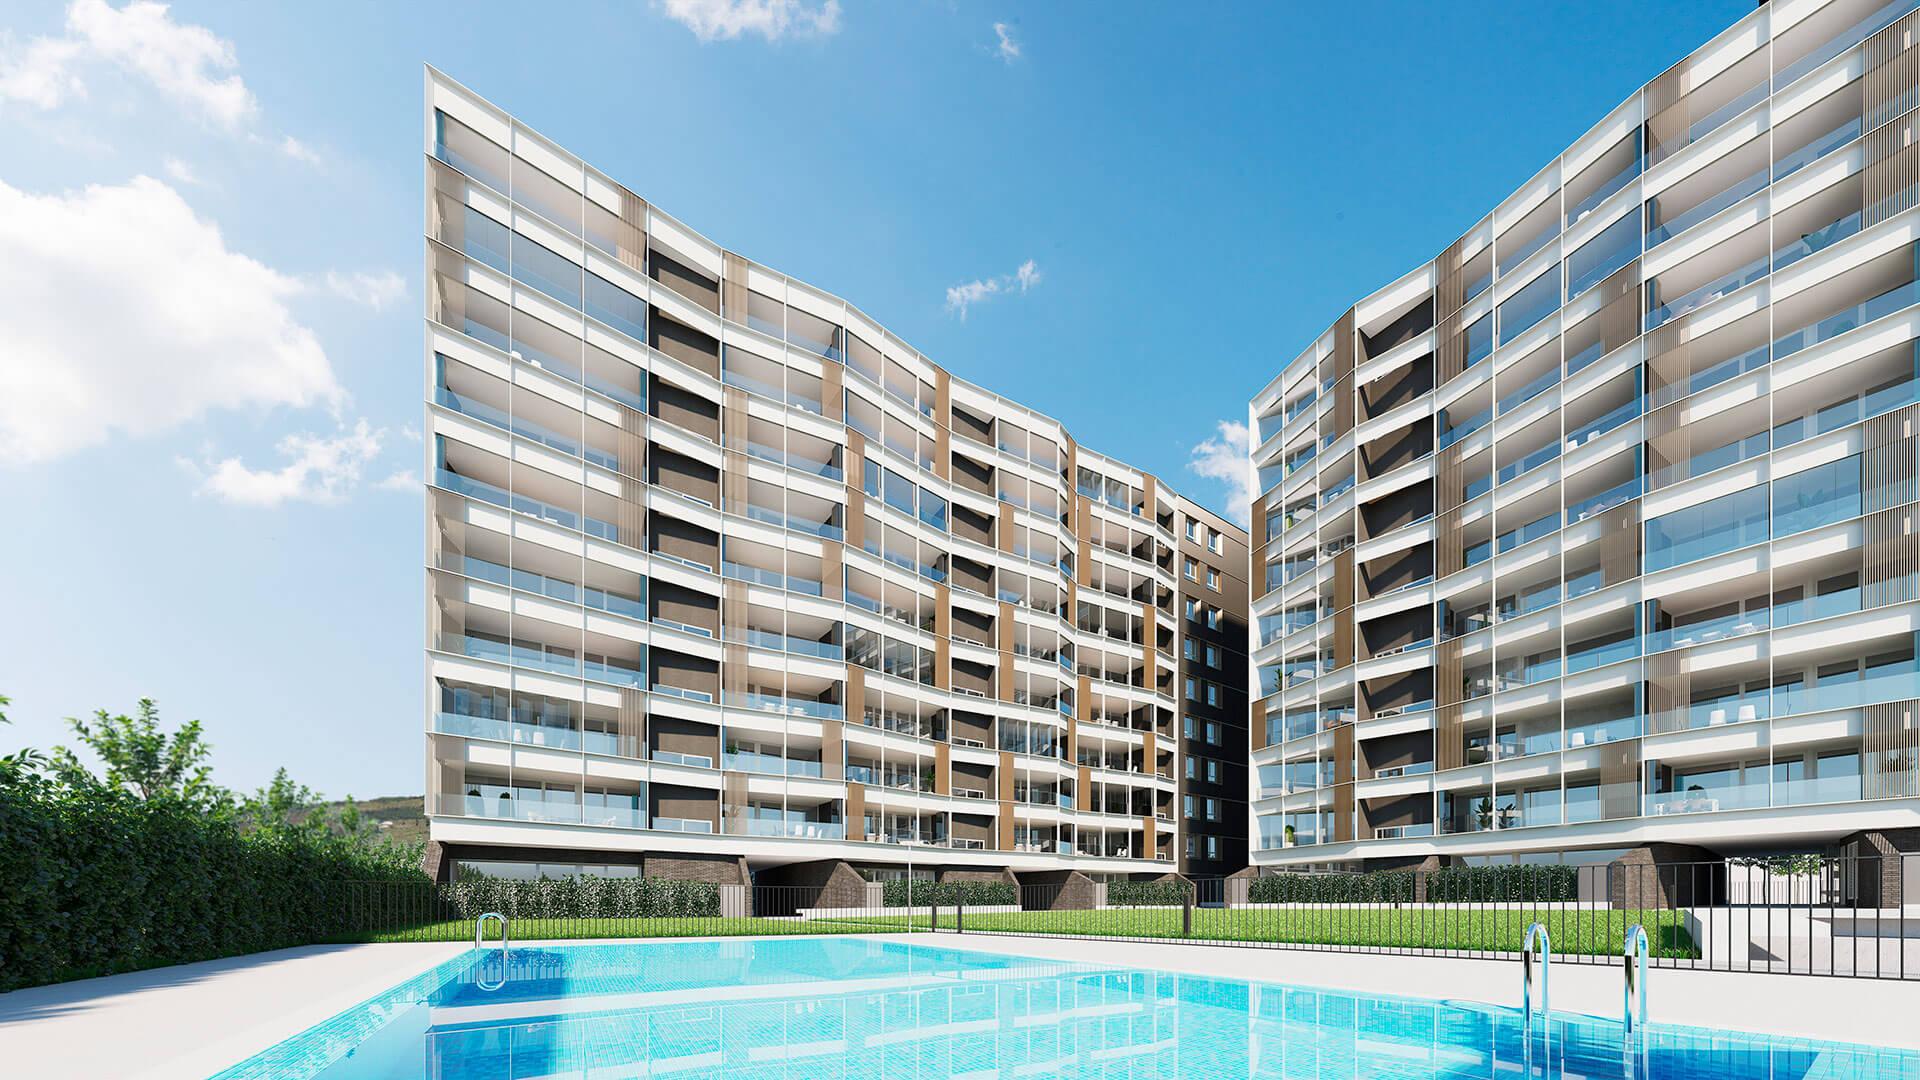 Plano Parque Ripagaina - Construcciones Andía - Exteriores con piscina